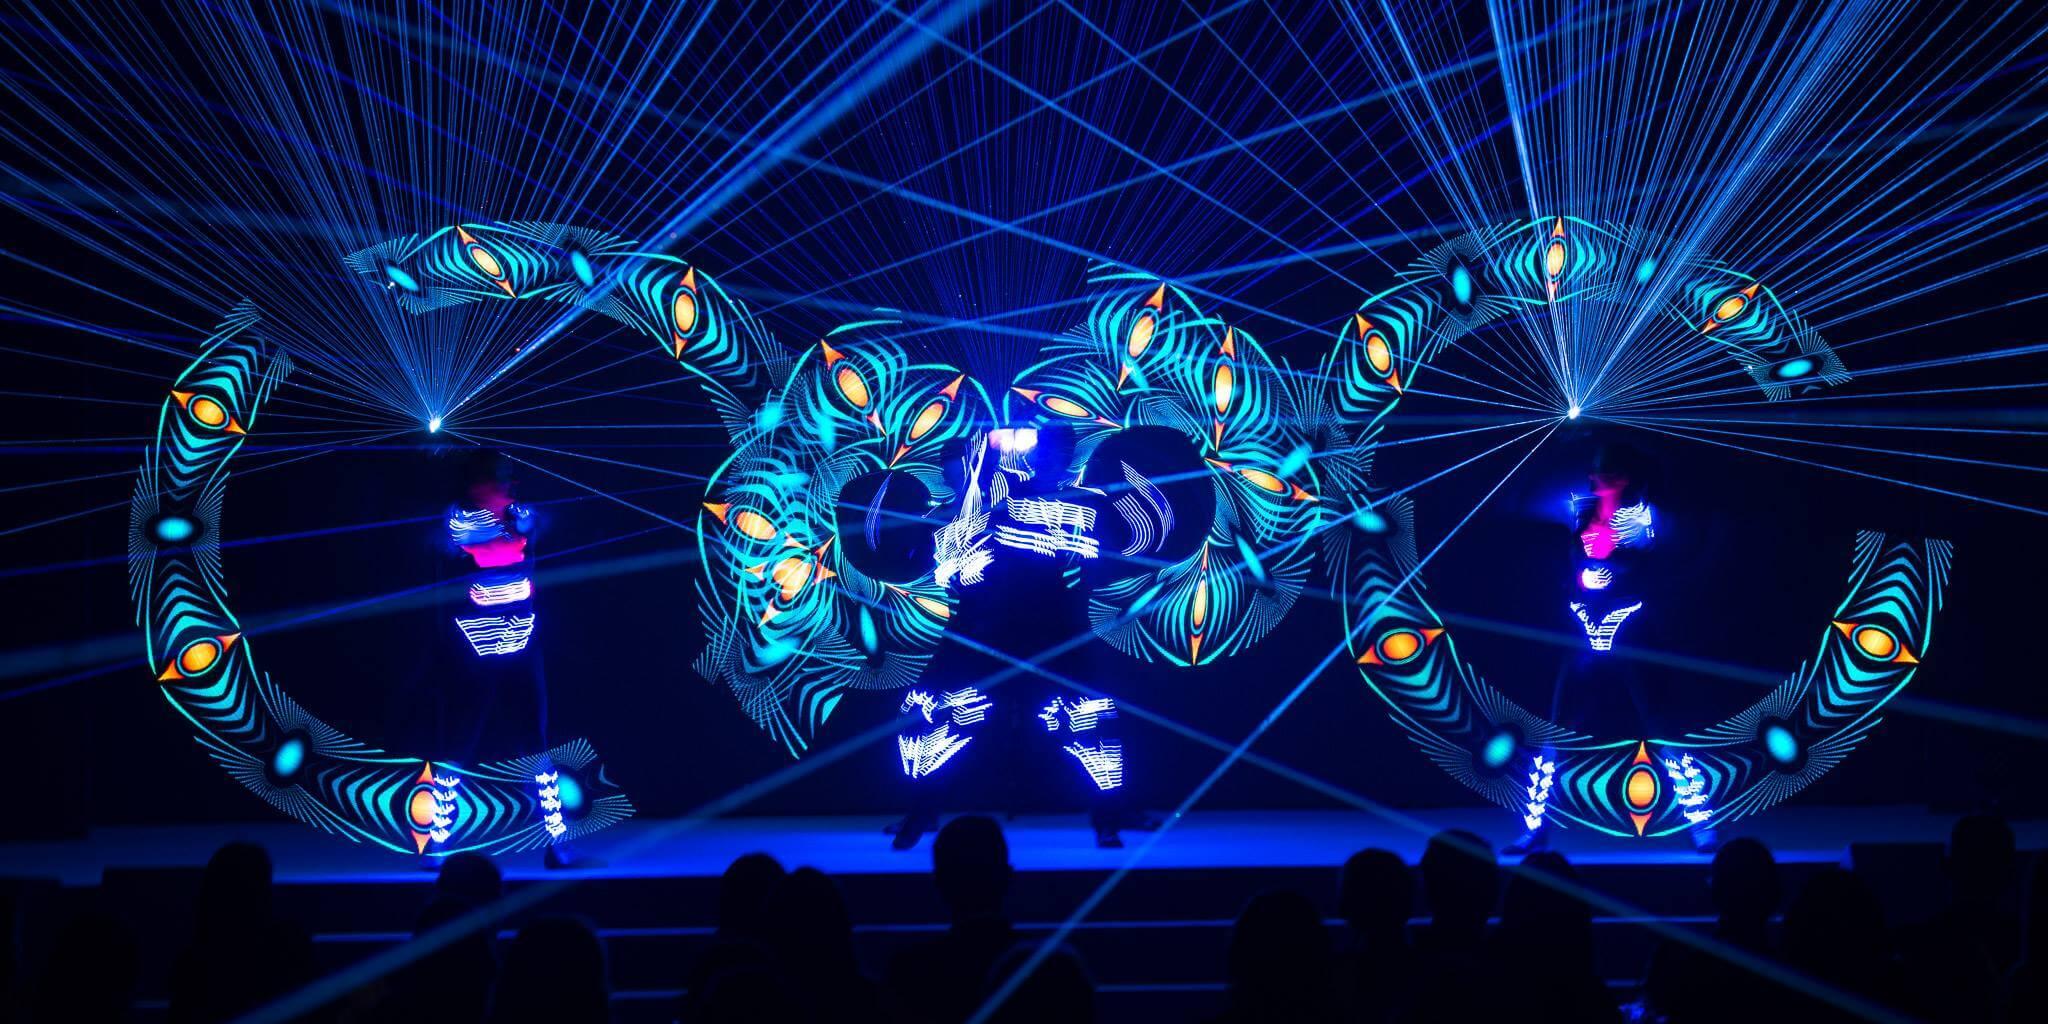 'laser